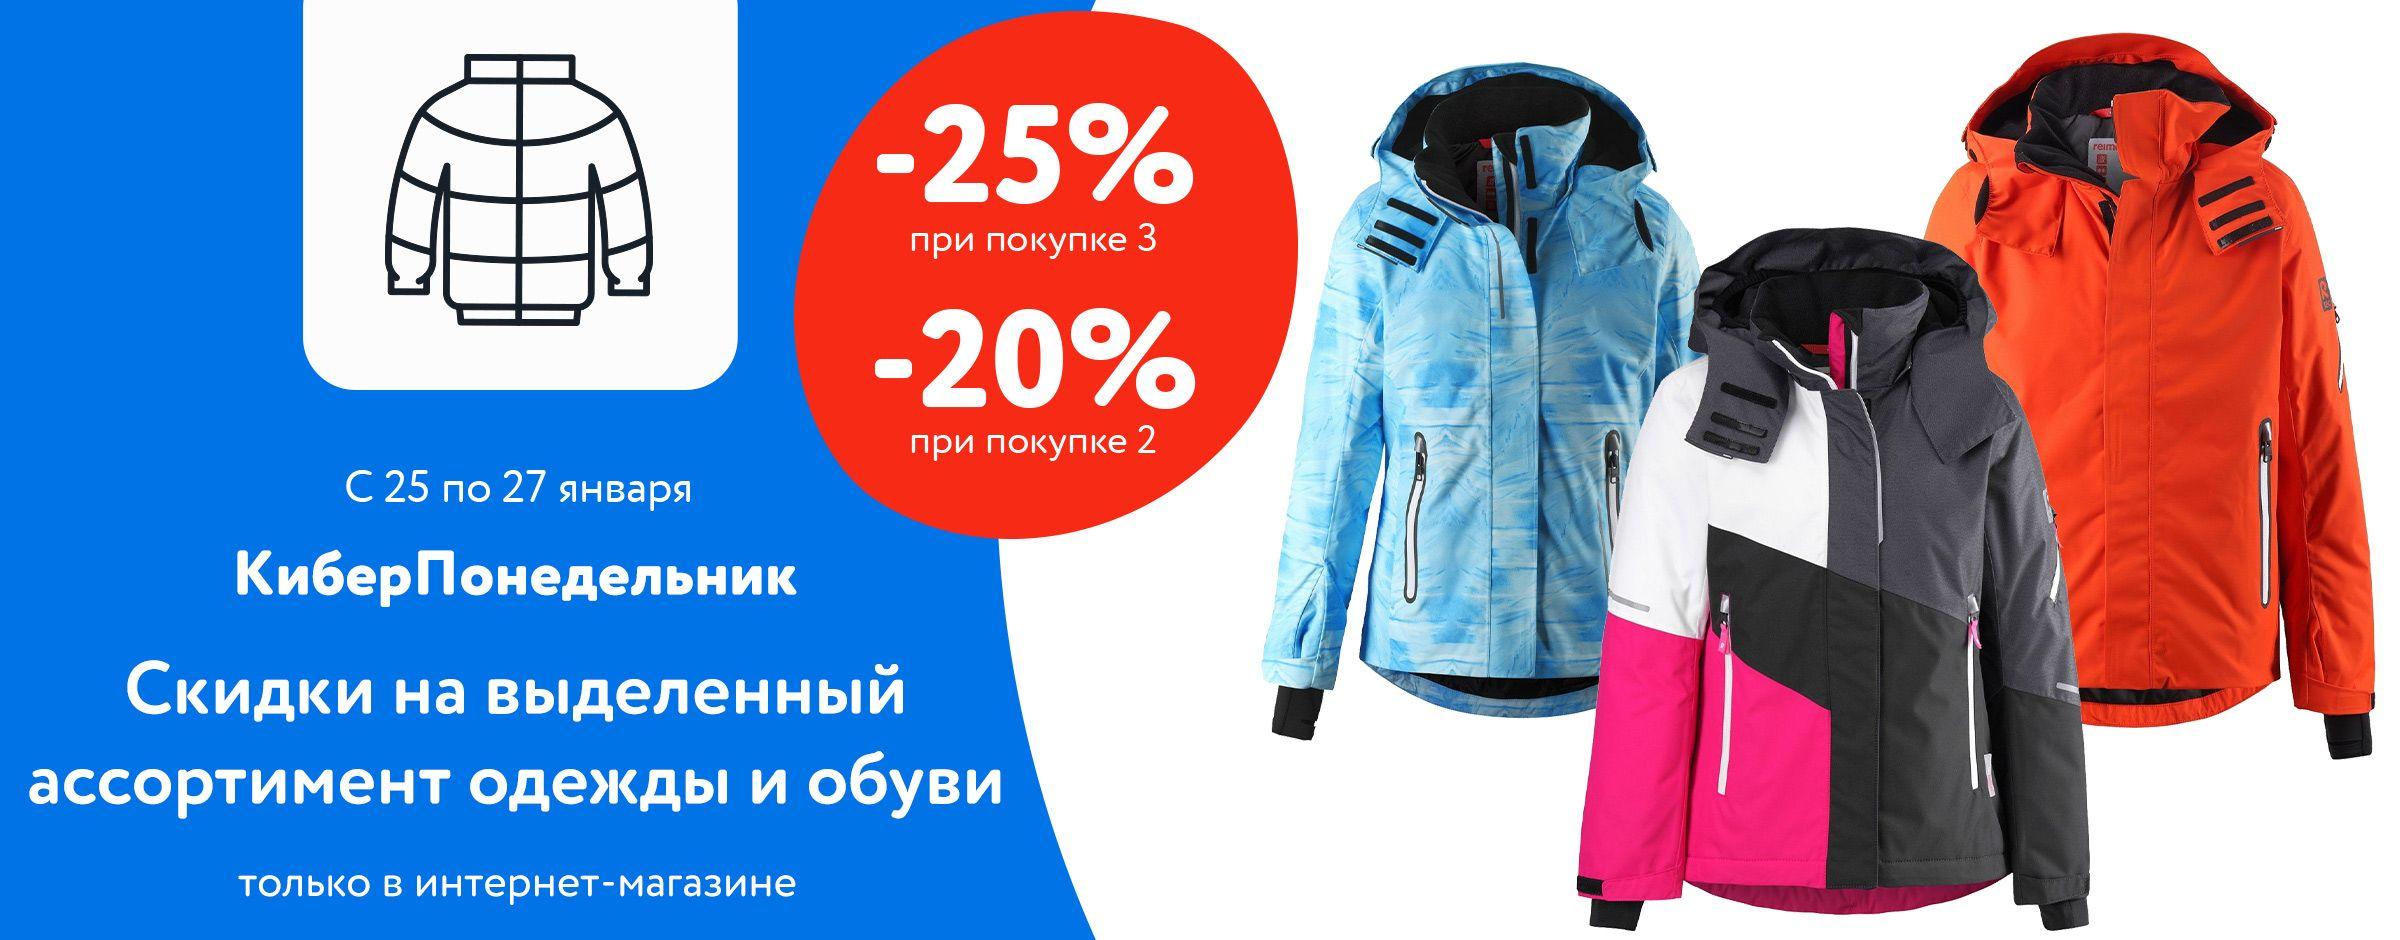 Мультичек: При покупке 2-х вещей скидка 20%,  3-х 25%  (ОиО) С